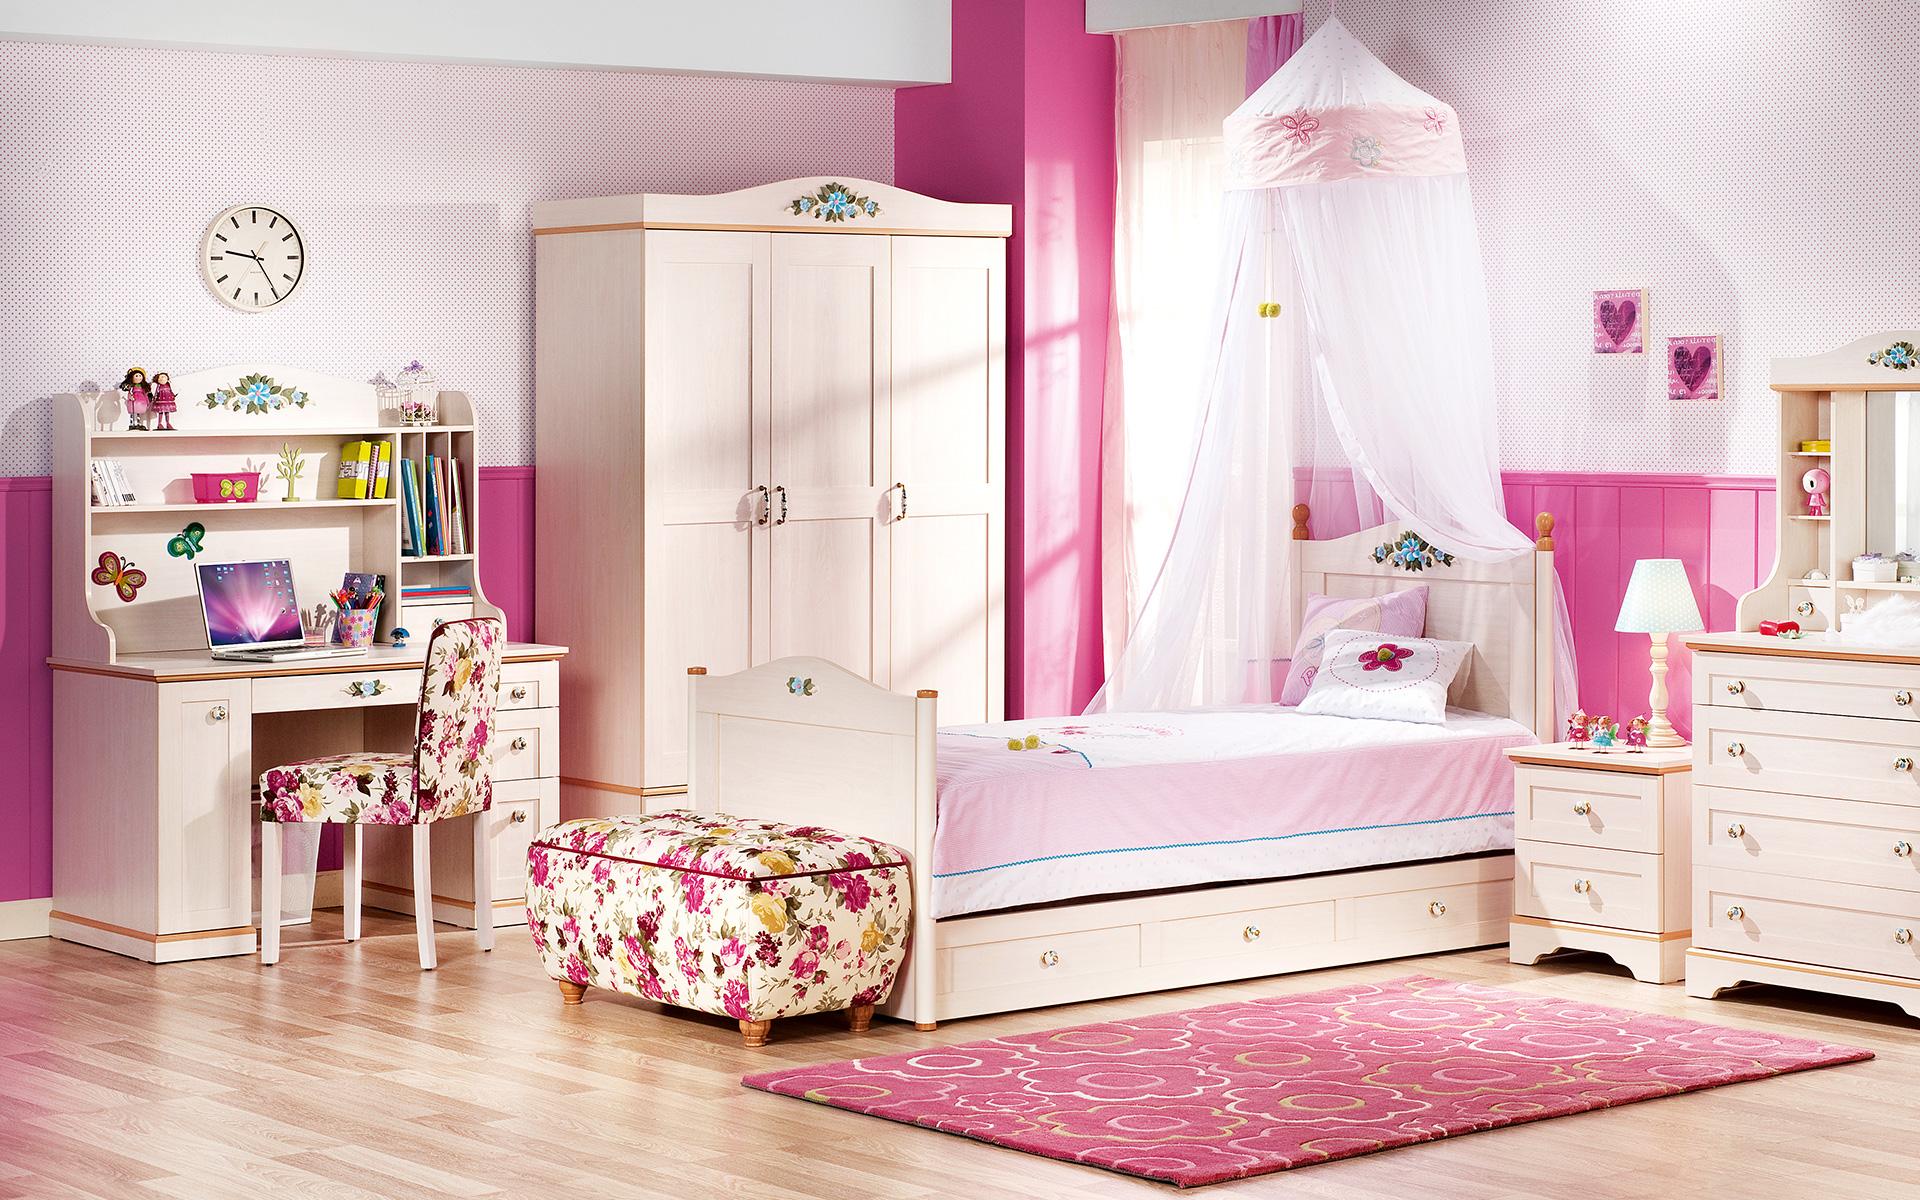 غرفة نوم فتيات رومانسية 6   مجلة ديكورات   عالم من ديكور المنازل و